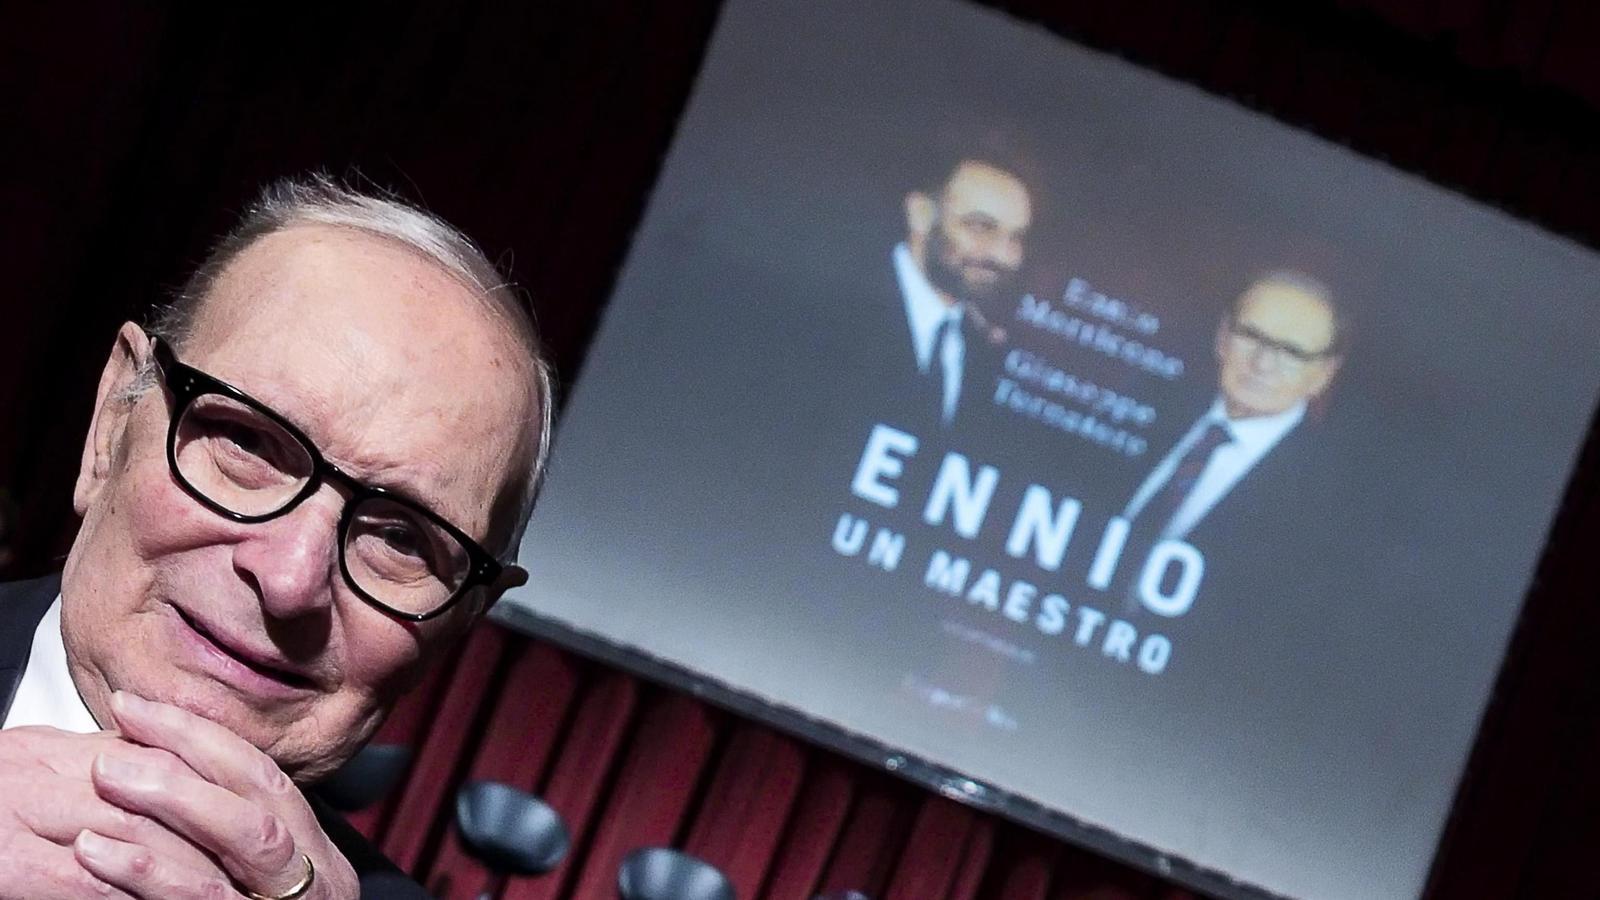 5 bandes sonores d'Ennio Morricone memorables